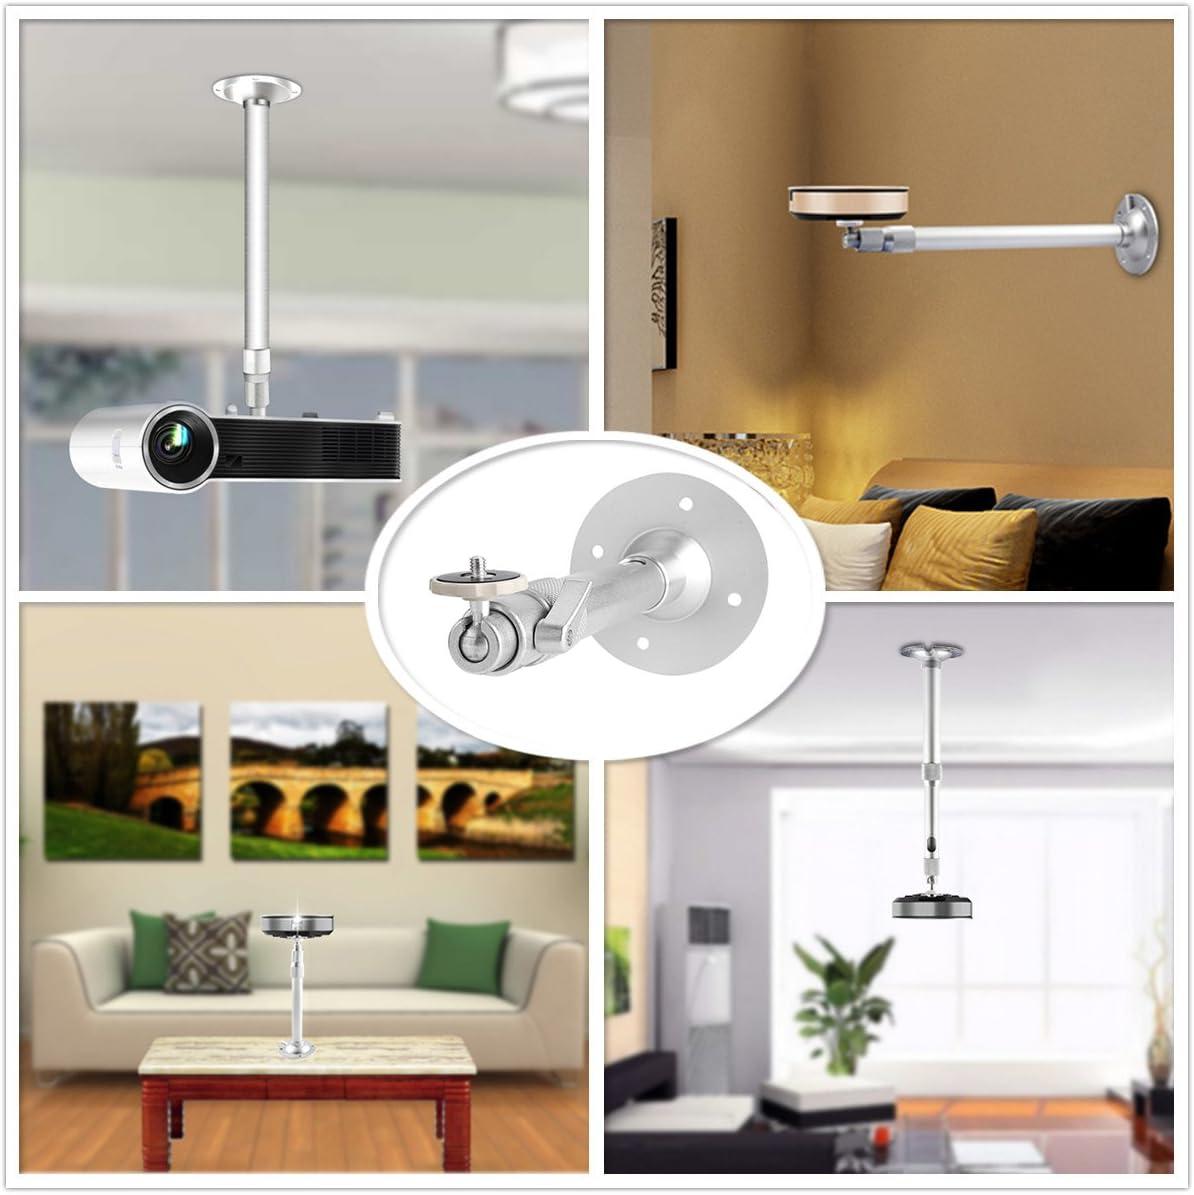 Zice Soporte para proyector Soporte de techo inclinable para ...